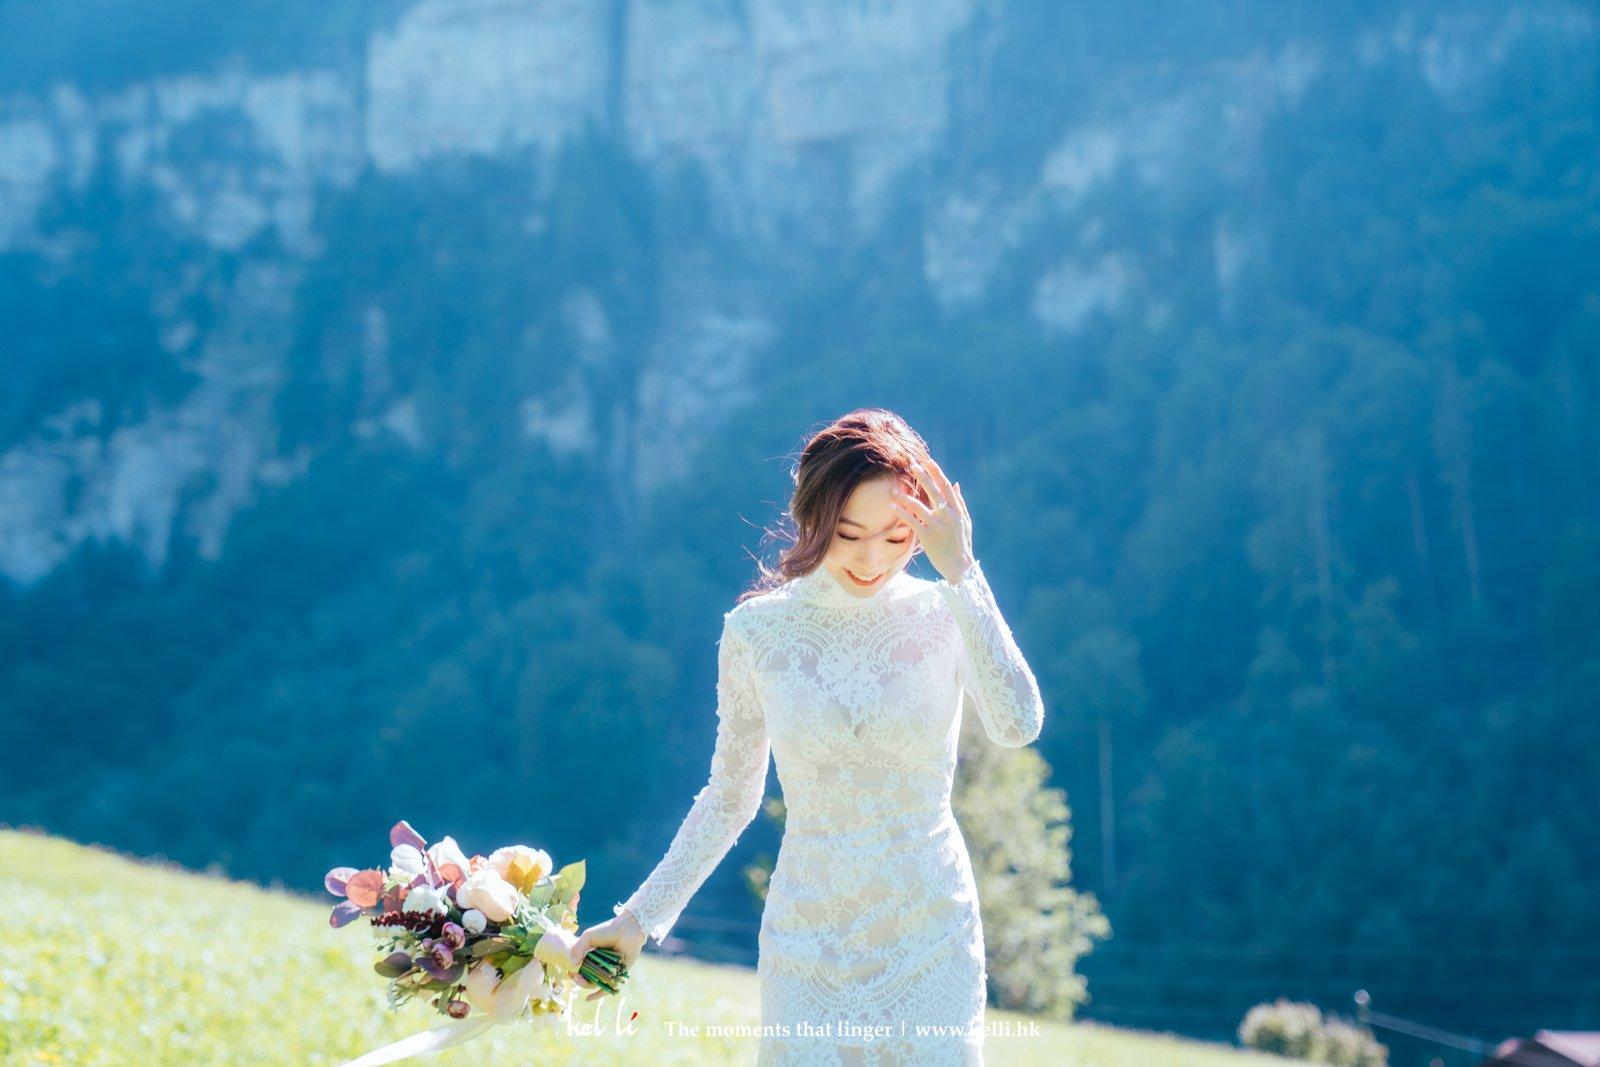 雪山配上草地,是各人心中的瑞士吧